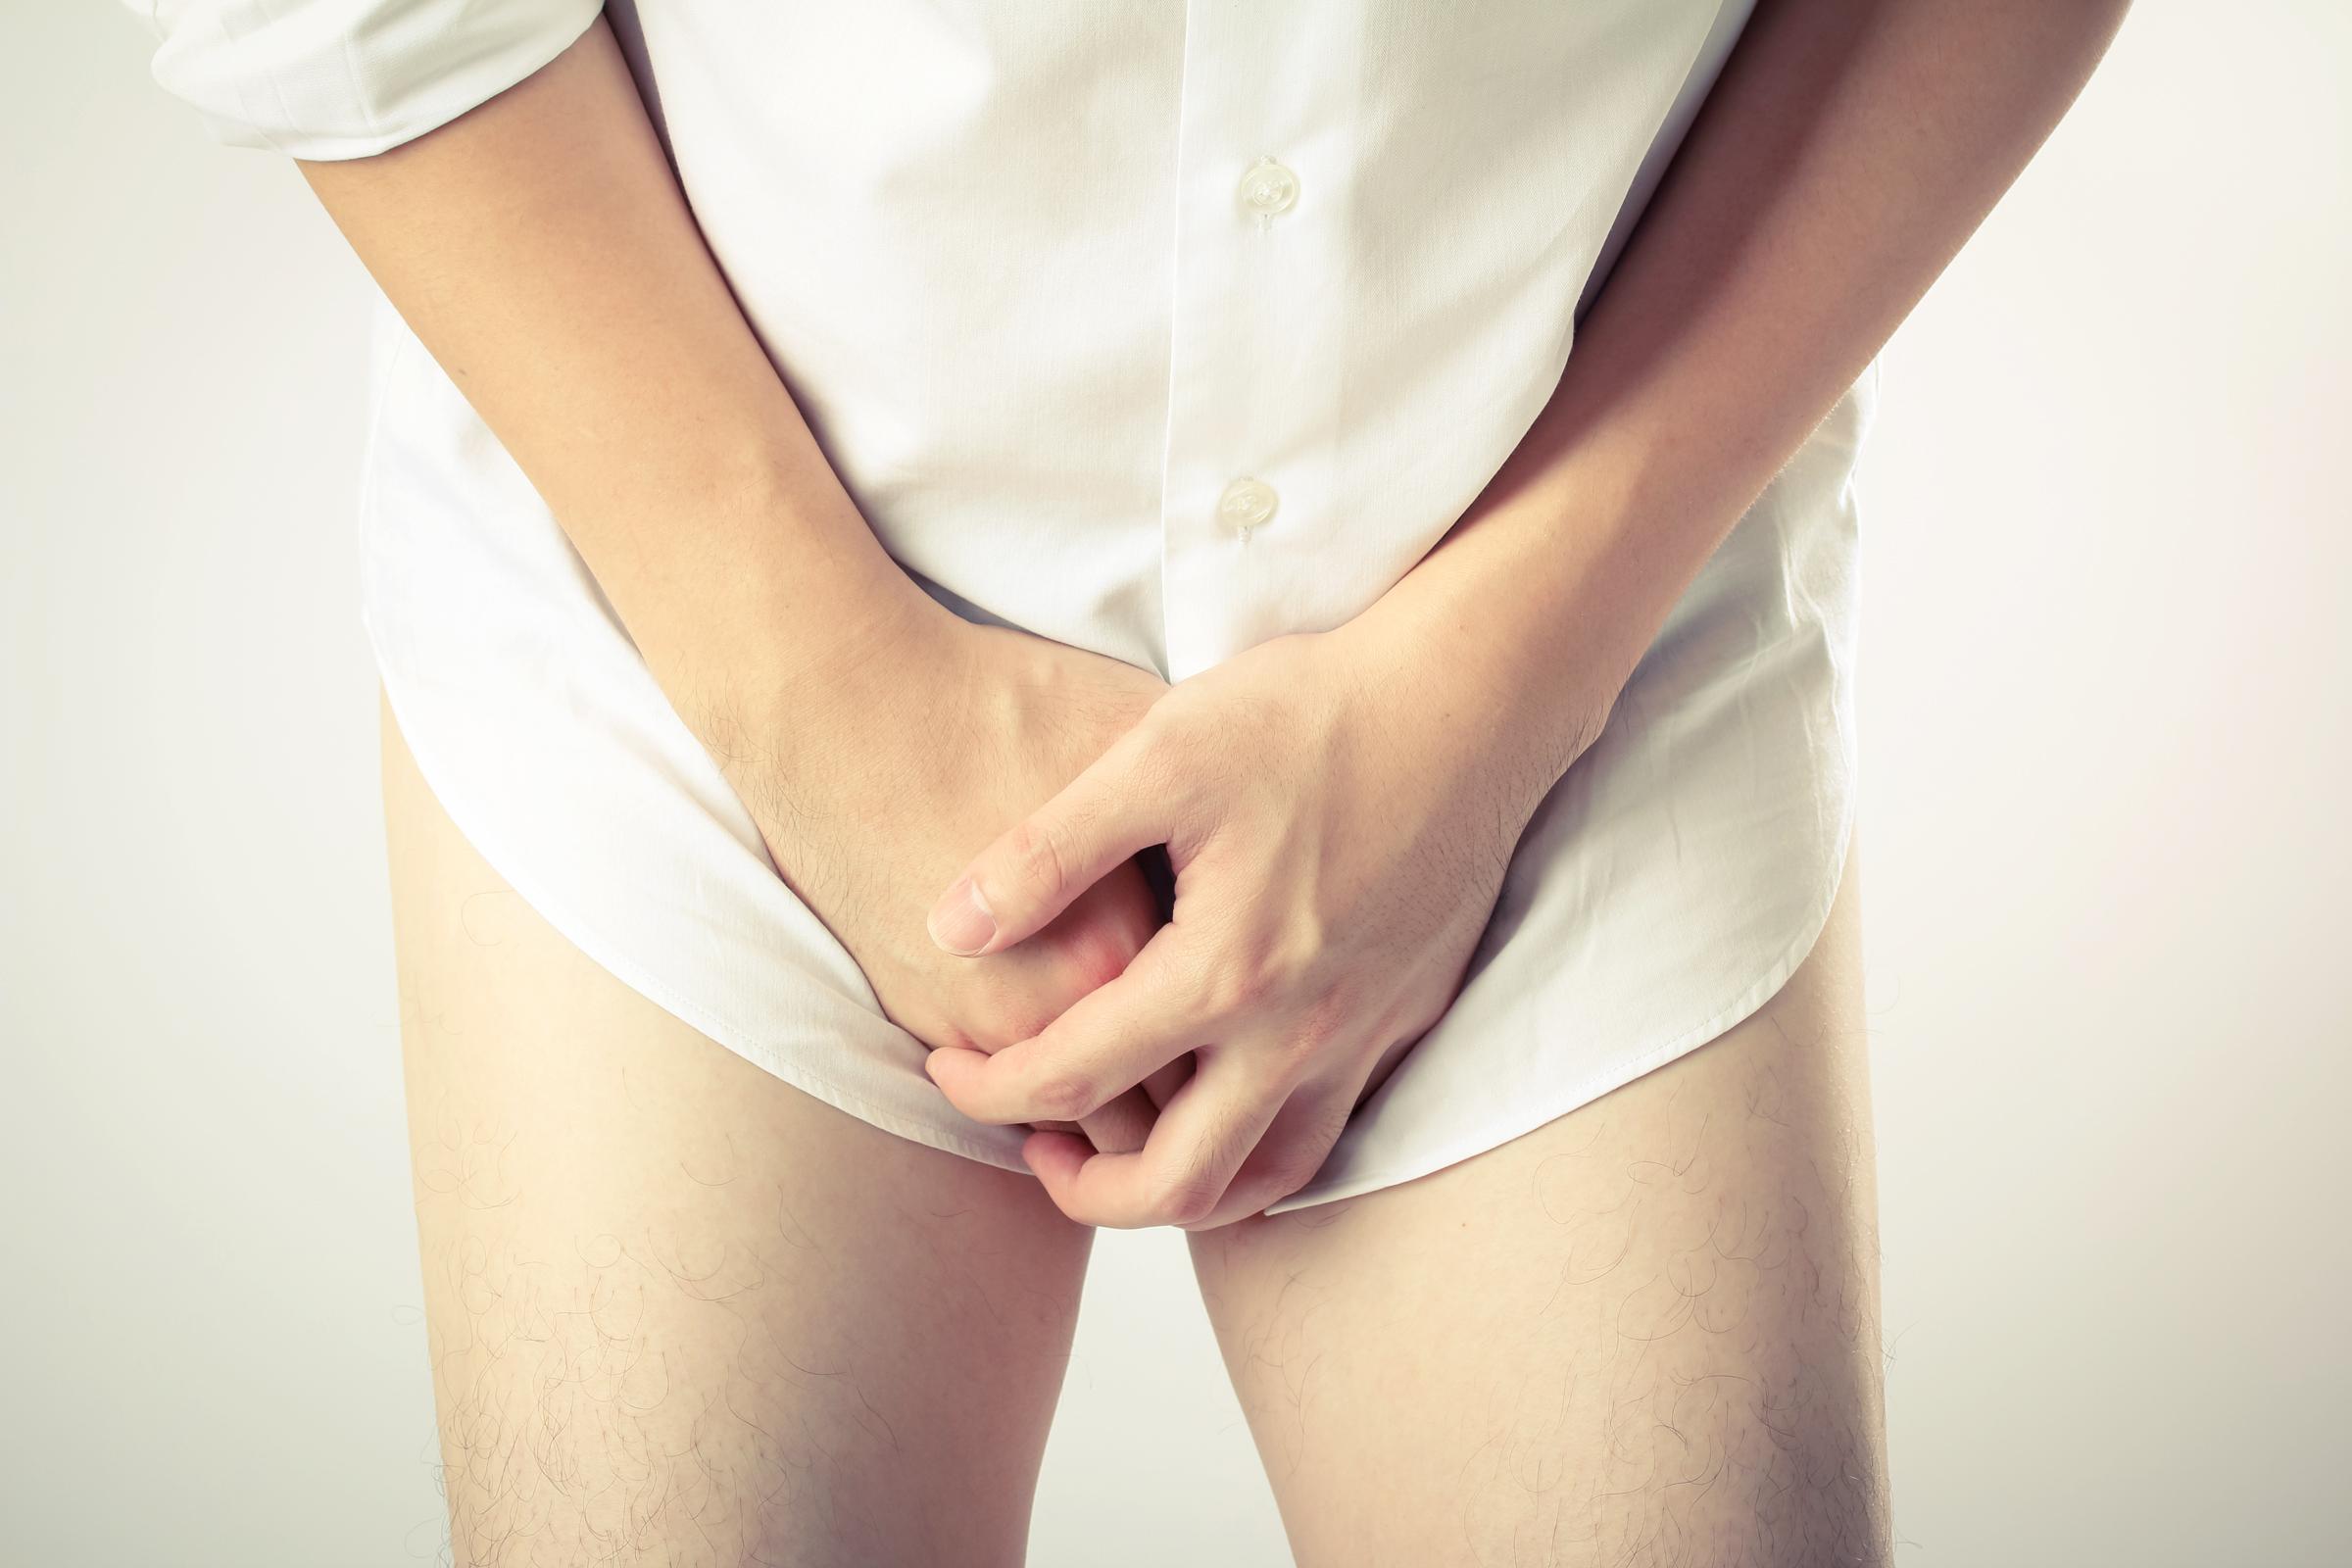 5 dolog, amitől jobban fog működni a szerszáma! - Nő és férfi | Femina